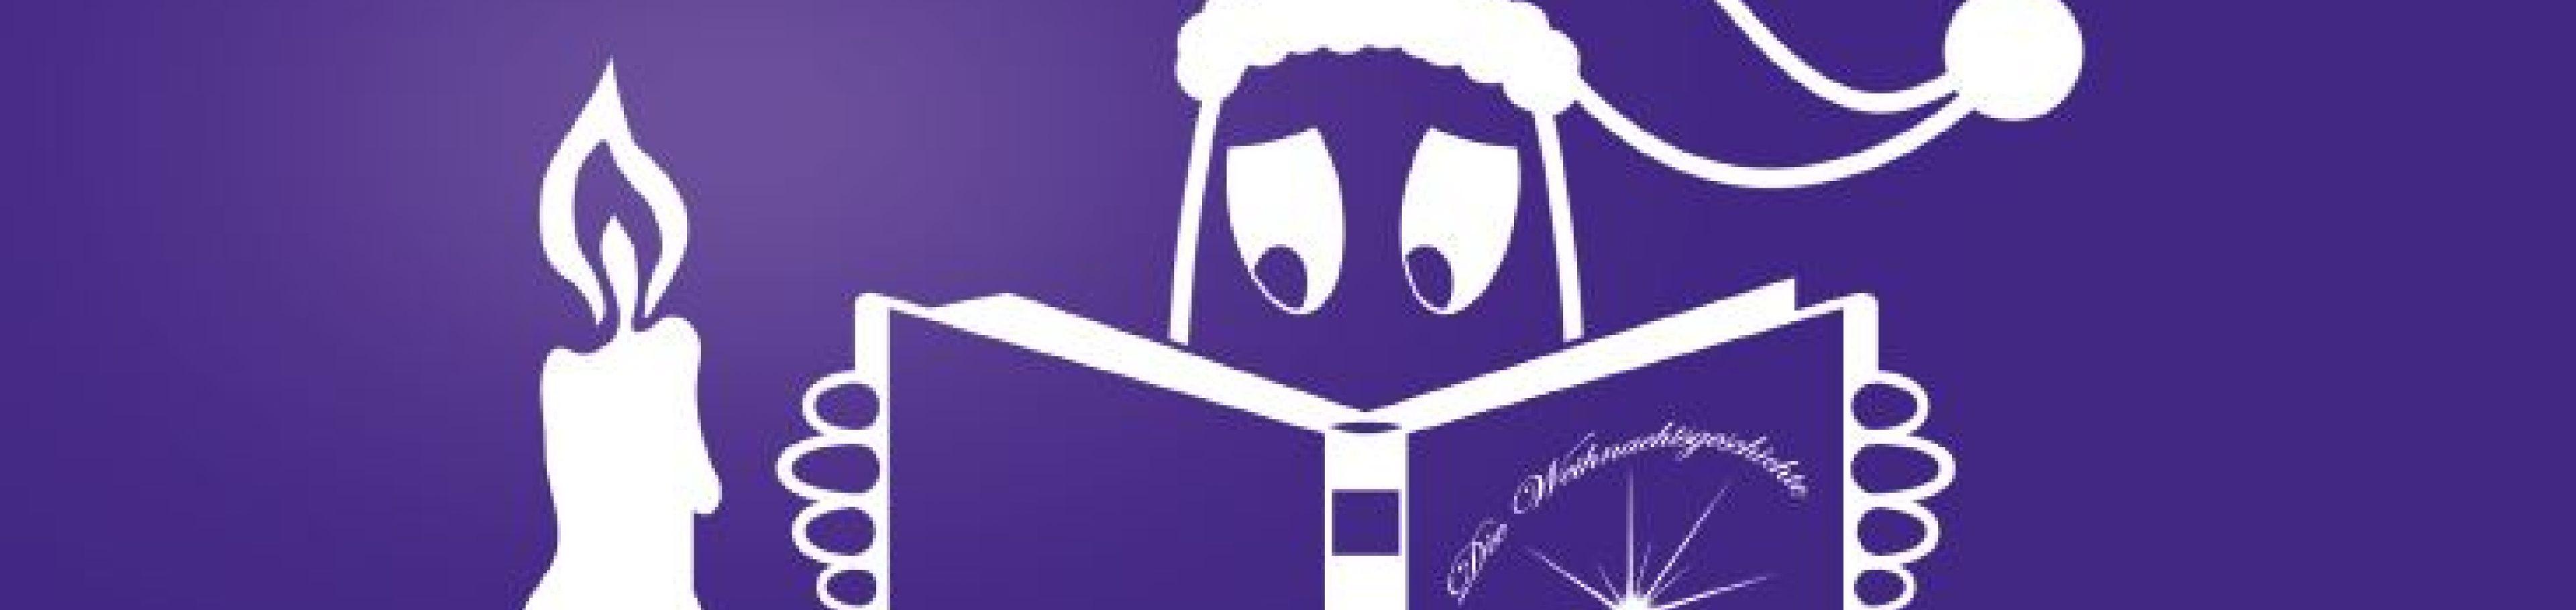 Bedruckte Weihnachtskarten Bestellen.Alle Jahre Wieder Das Weihnachtskarten Drama Grutzeck Software